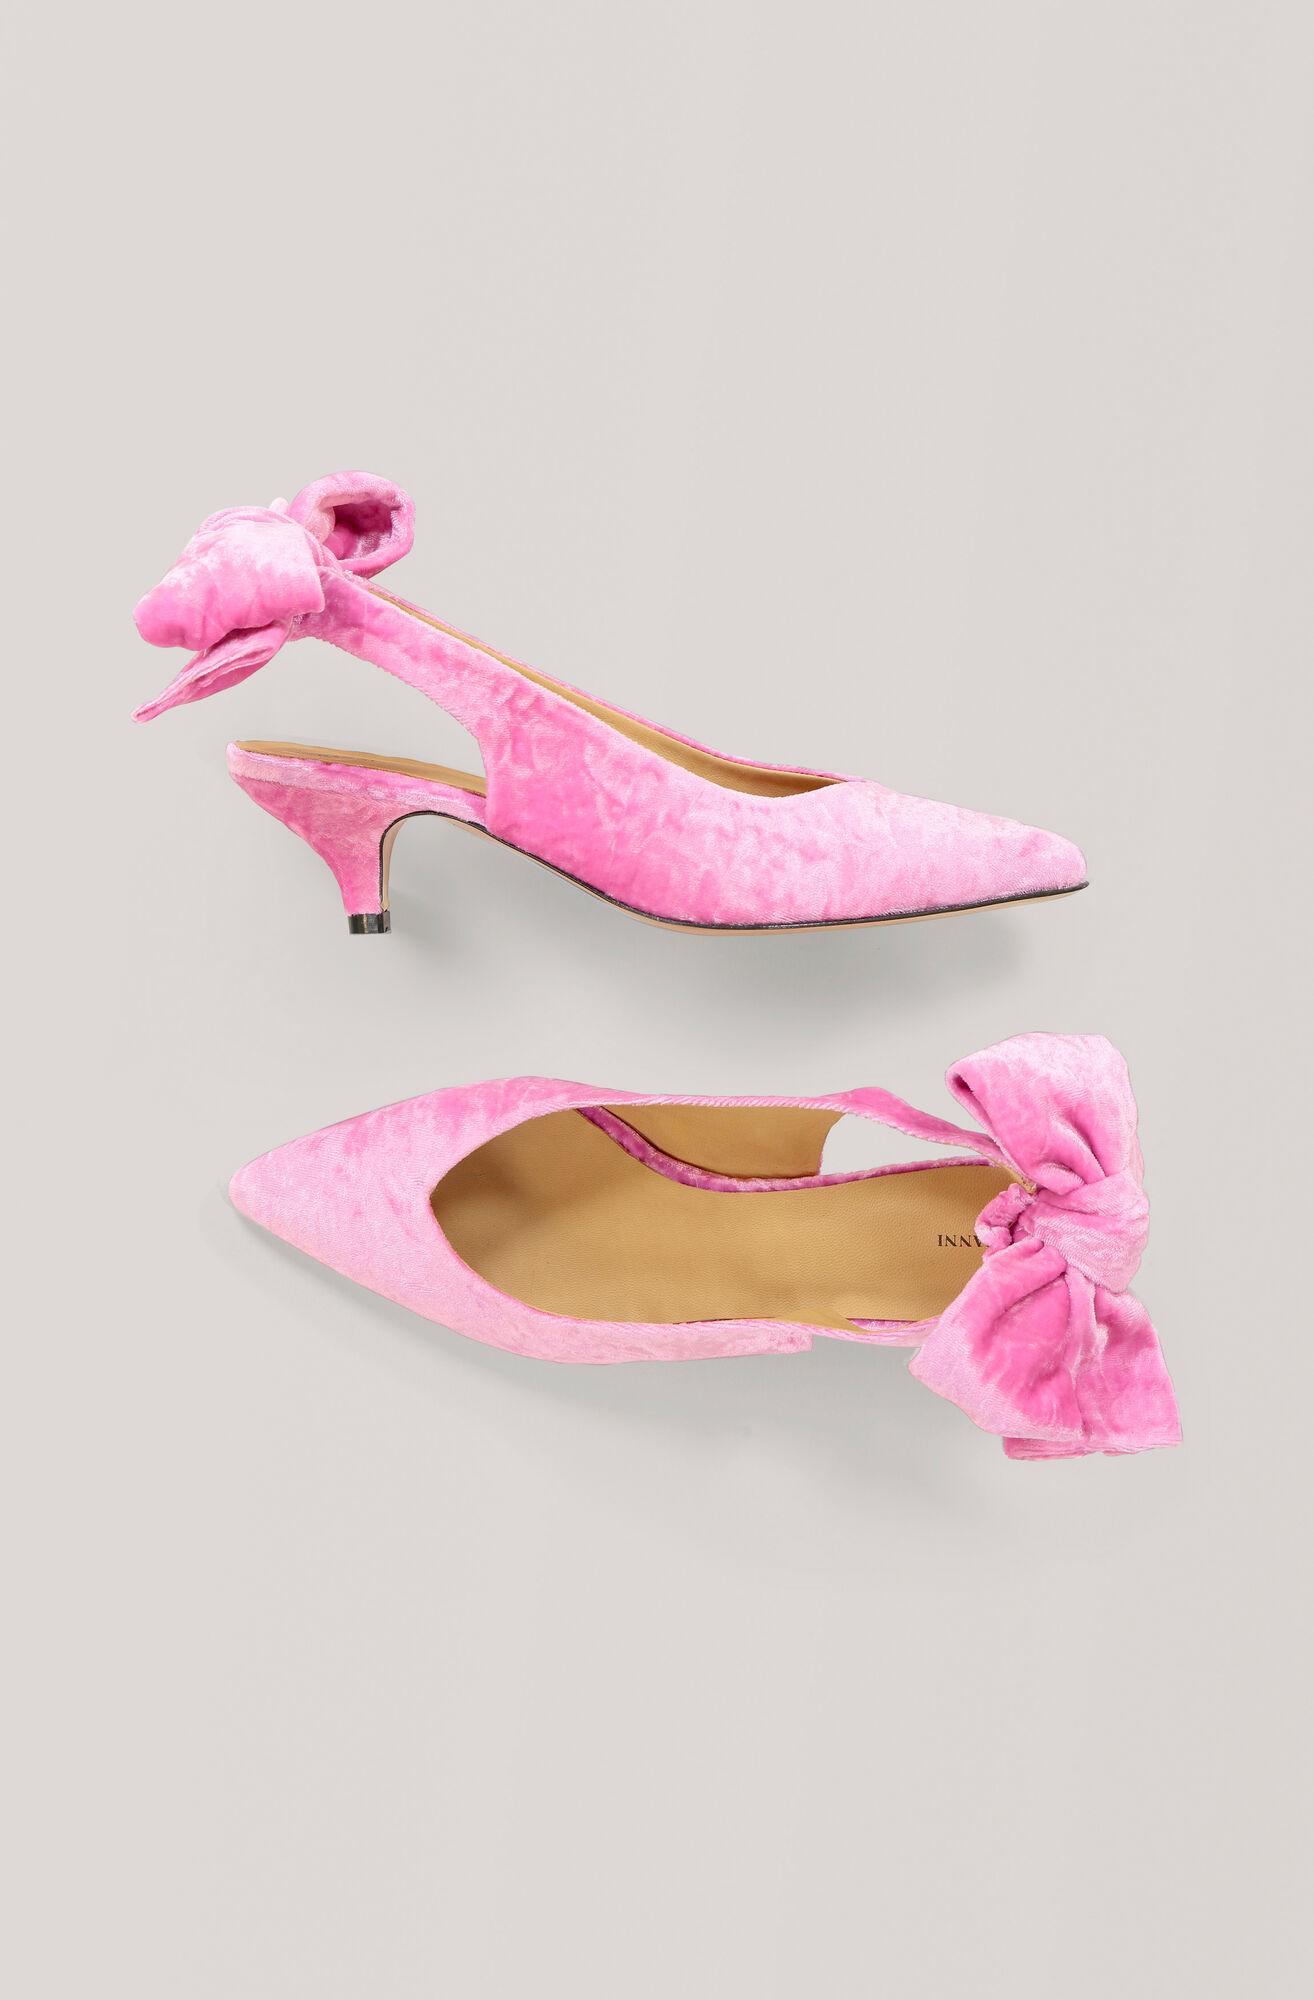 Bow Kitten Heel Pumps, Hot Pink, hi-res